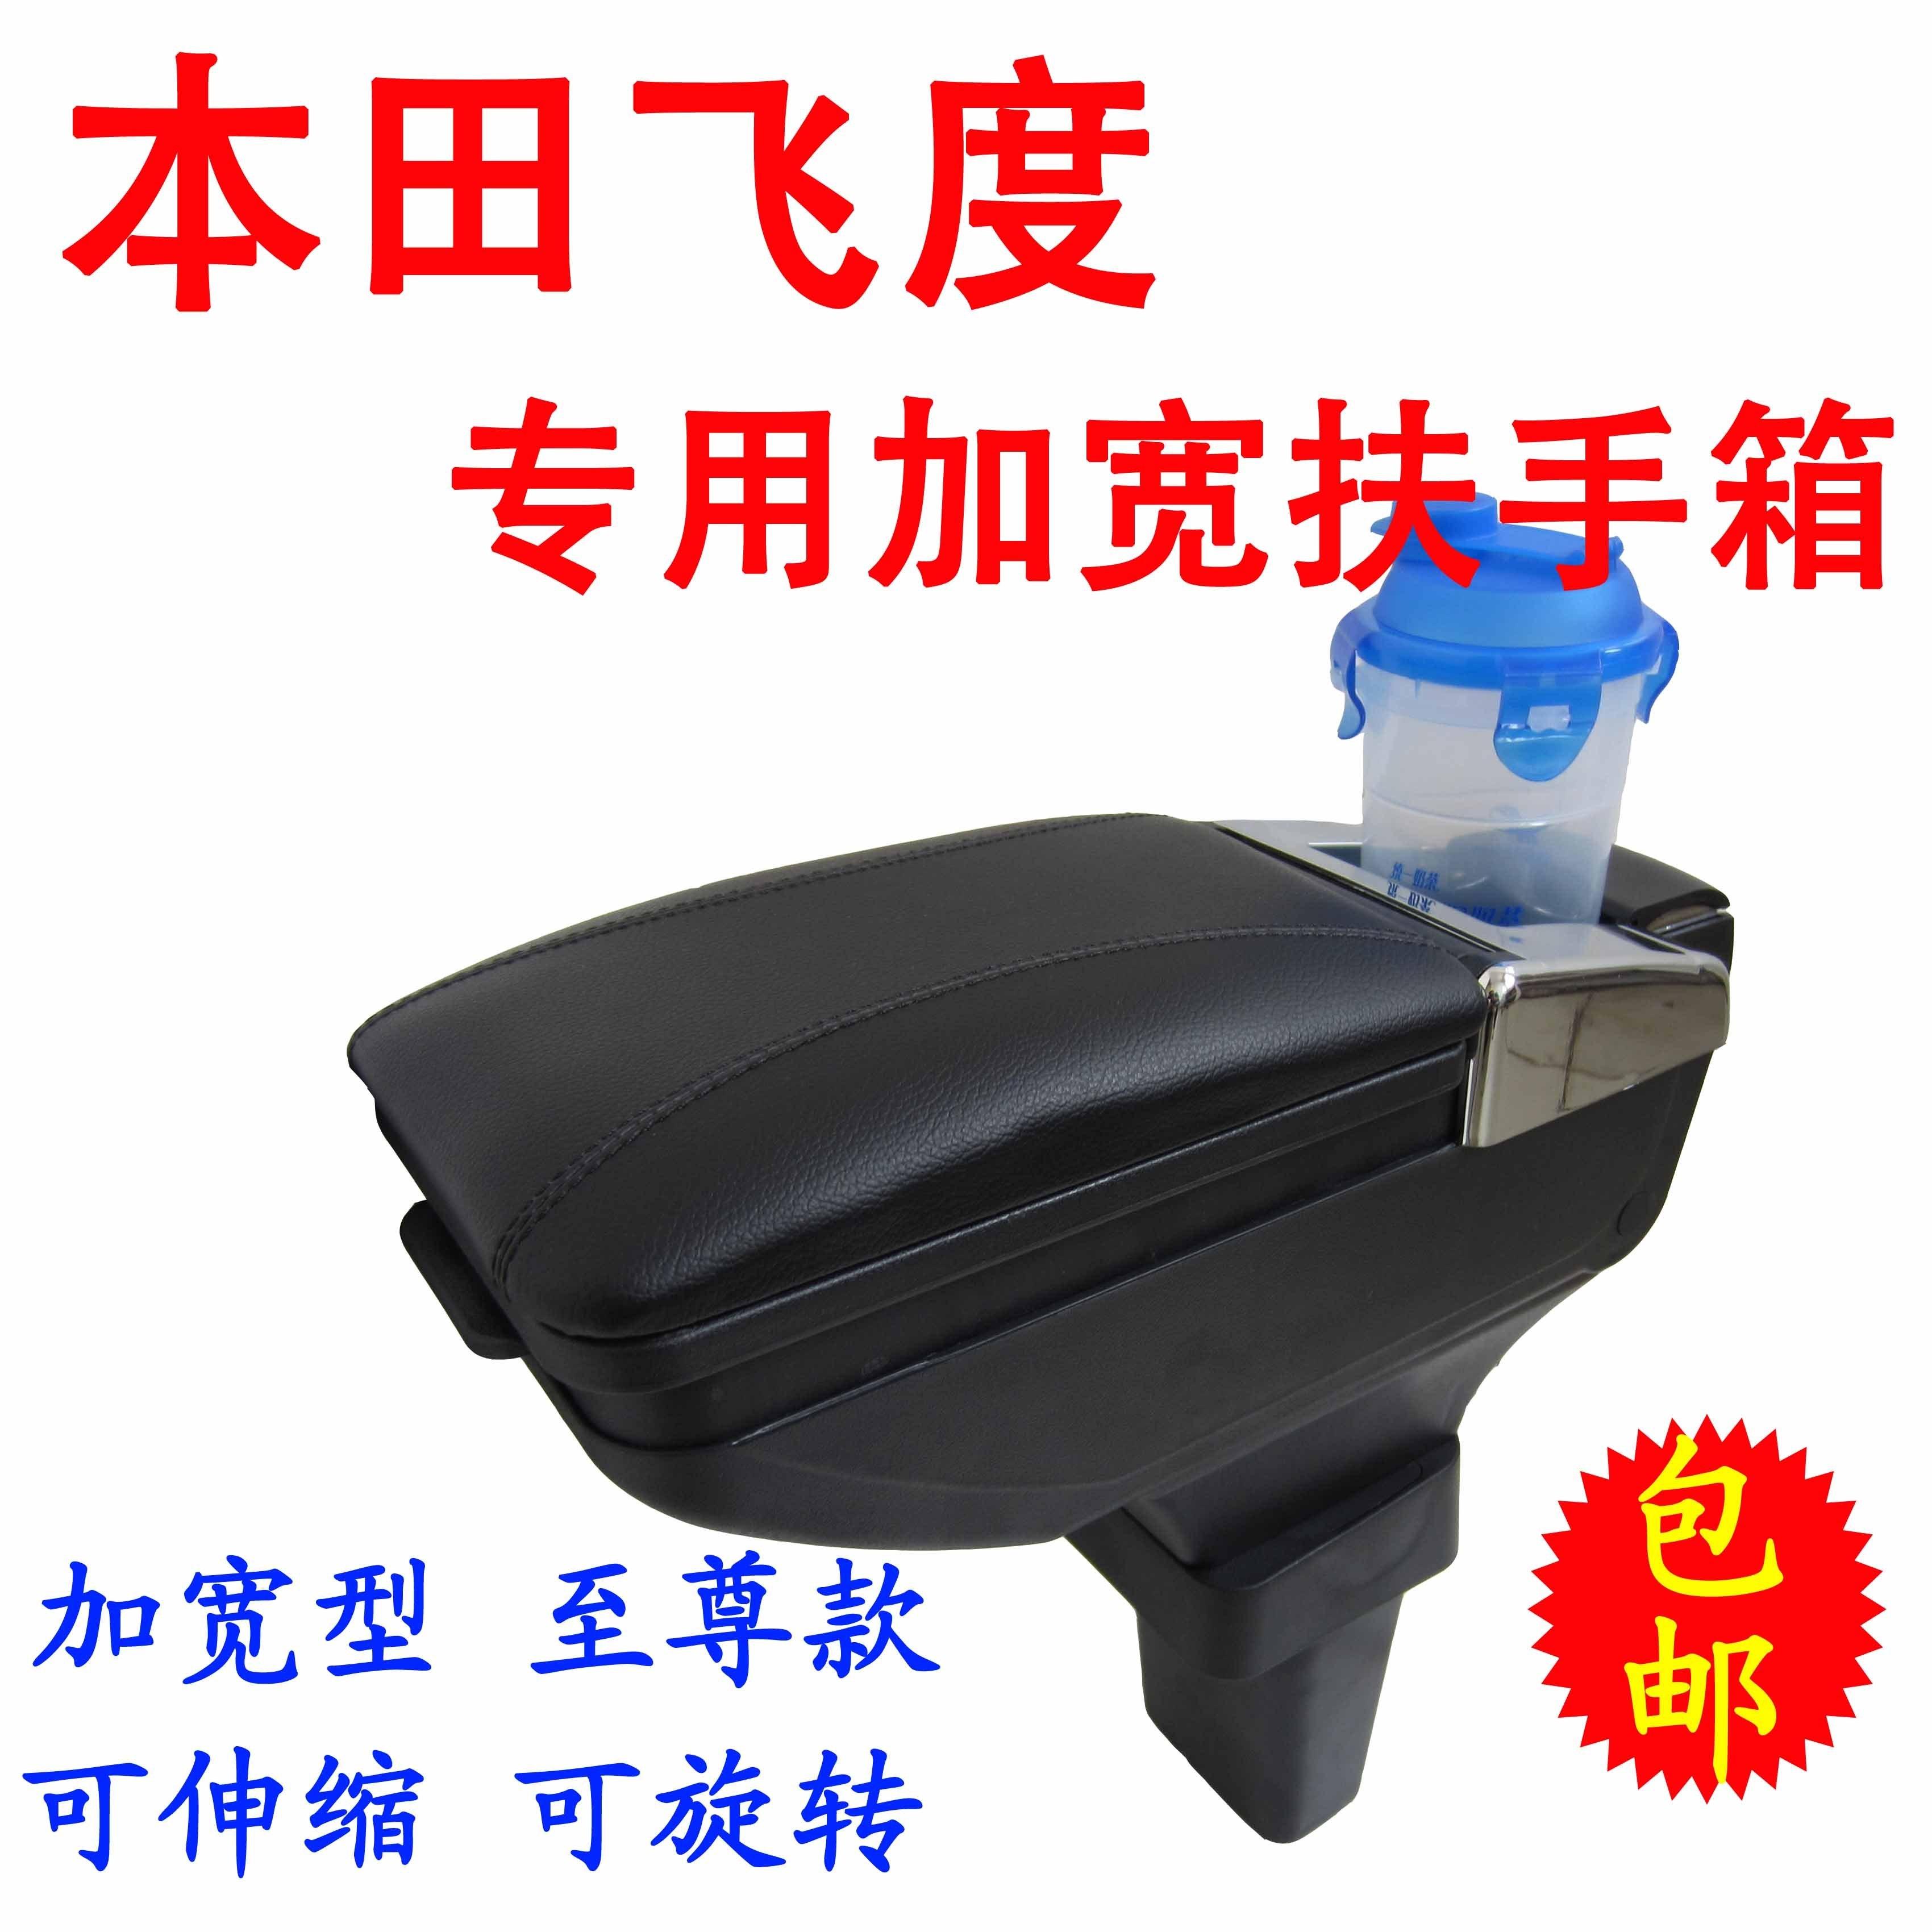 本田飞度专用扶手箱 两厢新飞度专用 加宽 免打孔 改装 配件 包邮